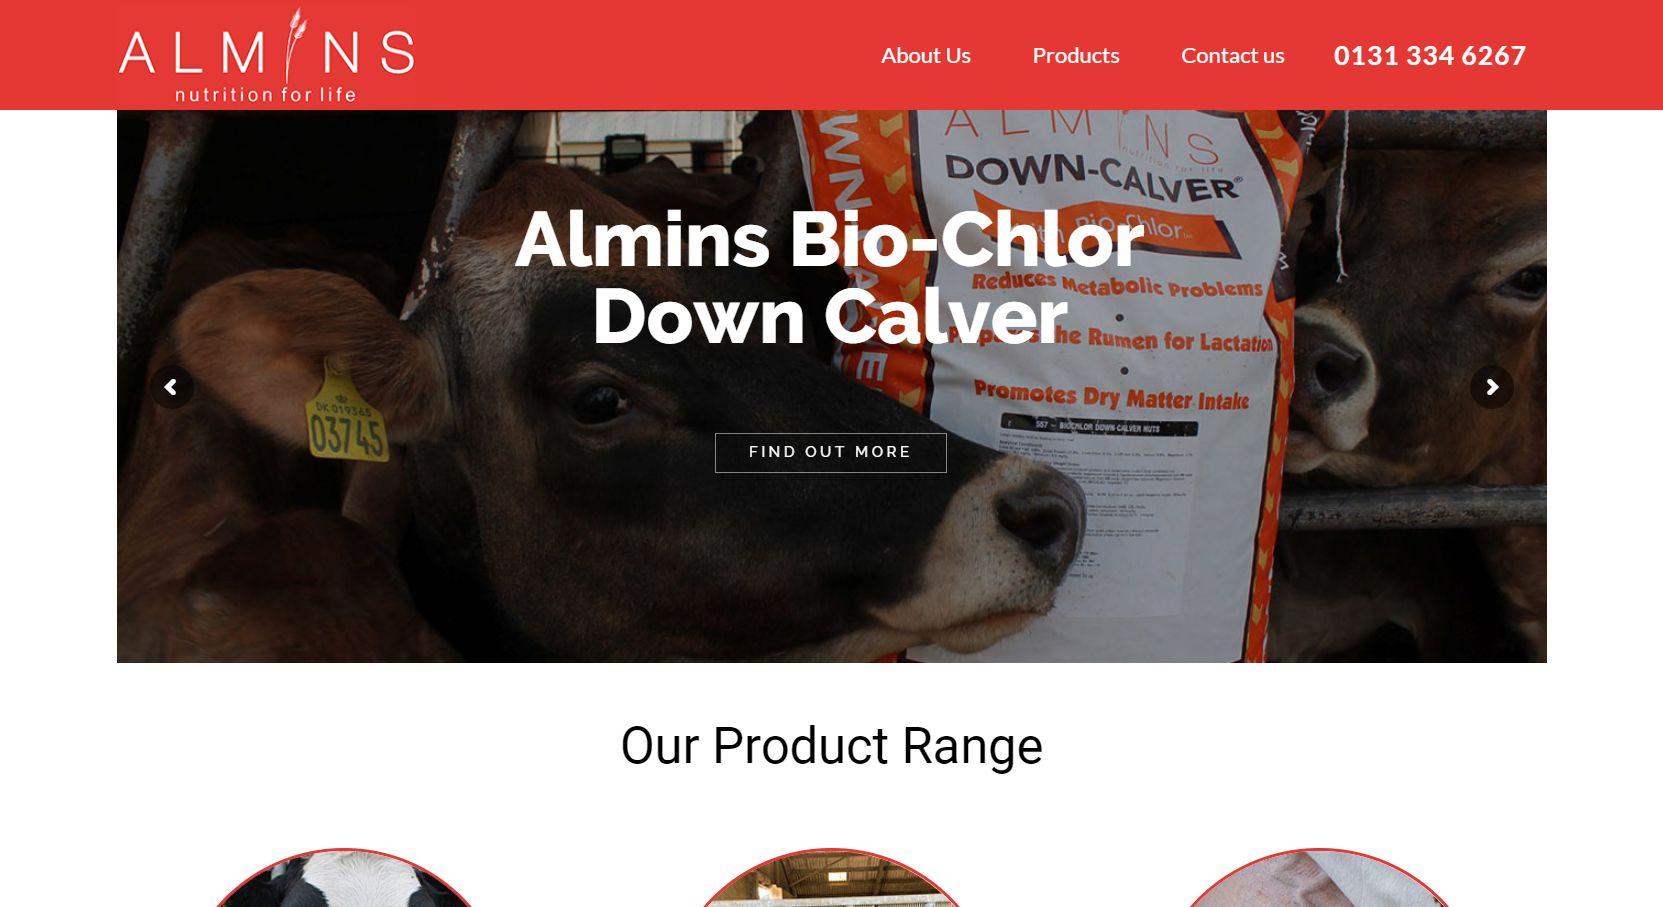 Almins Homepage